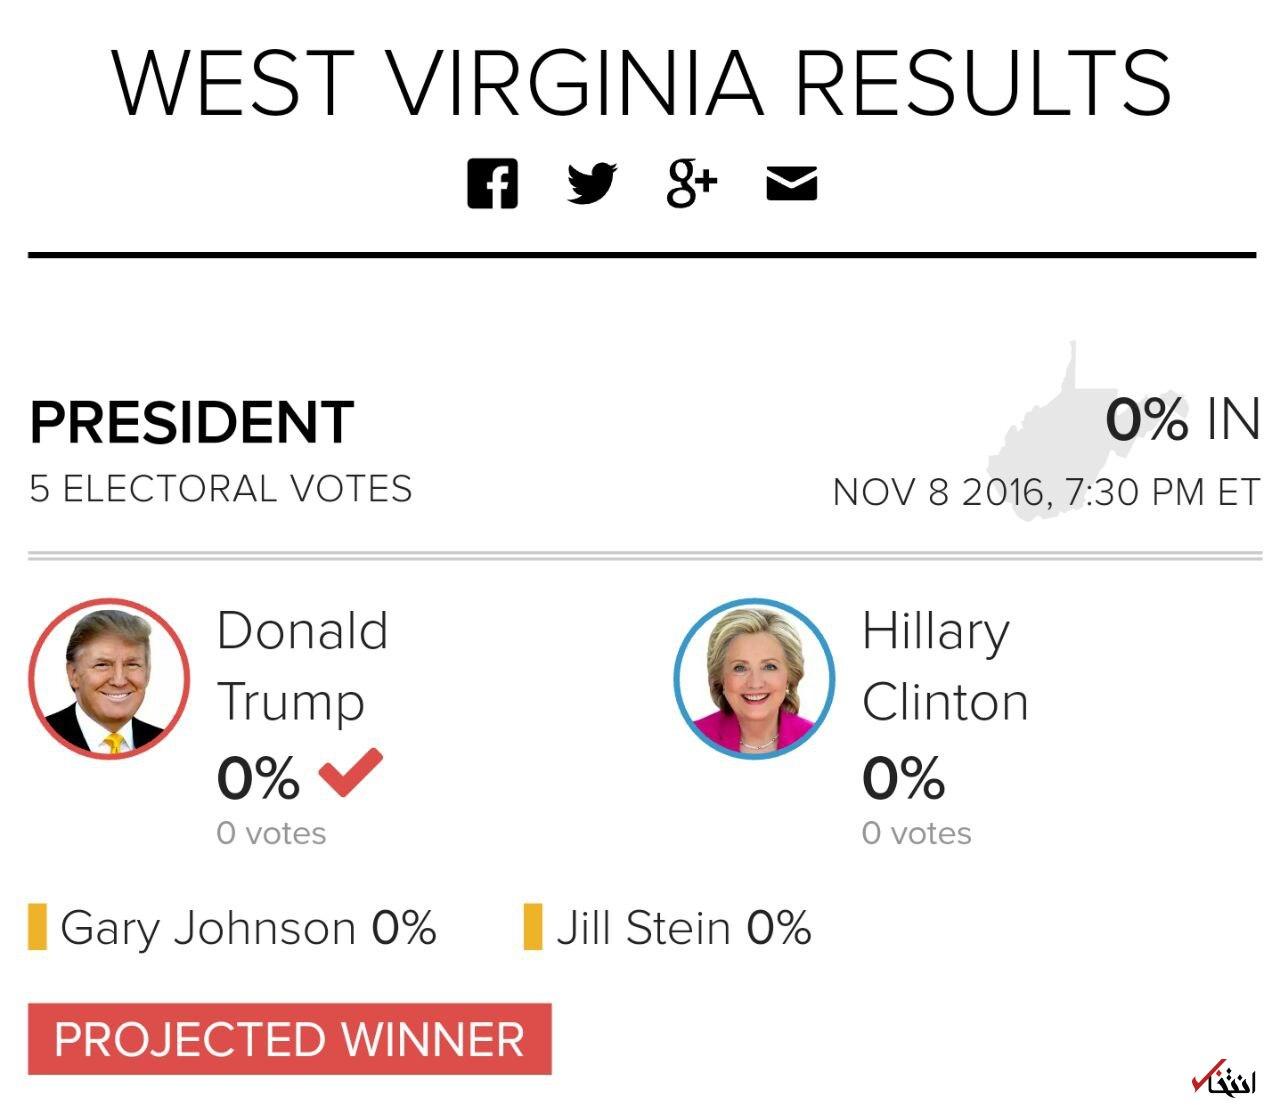 اخبار لحظه به لحظه خبرنگار «انتخاب» از نتایج انتخابات آمریکا+تصاویر / انتشار نتایج اوليه / پيروزي ترامپ در كنتاكي و اينديانا / هيلاري ورمونت را برد/ ترامپ 24 رای الکترال و هیلاری 3 رای الکترال دارد